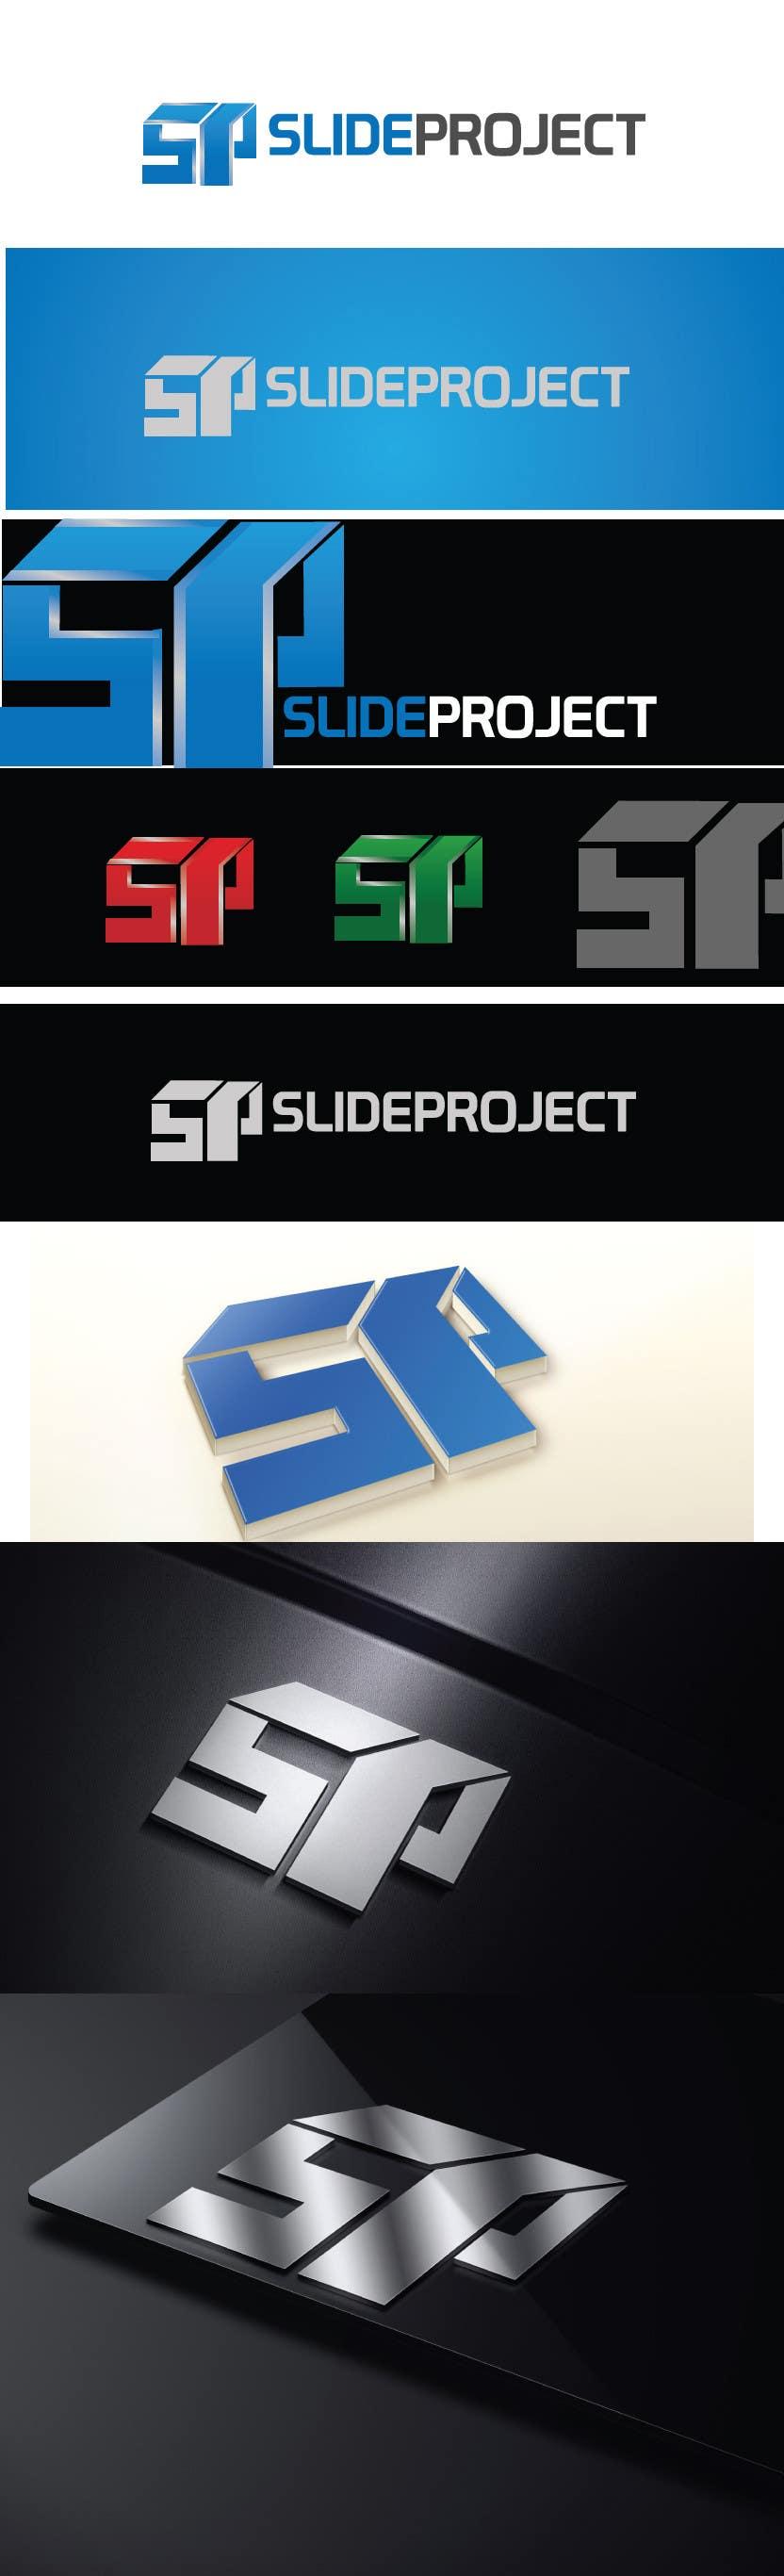 Bài tham dự cuộc thi #                                        43                                      cho                                         Design a Logo for New Record Label